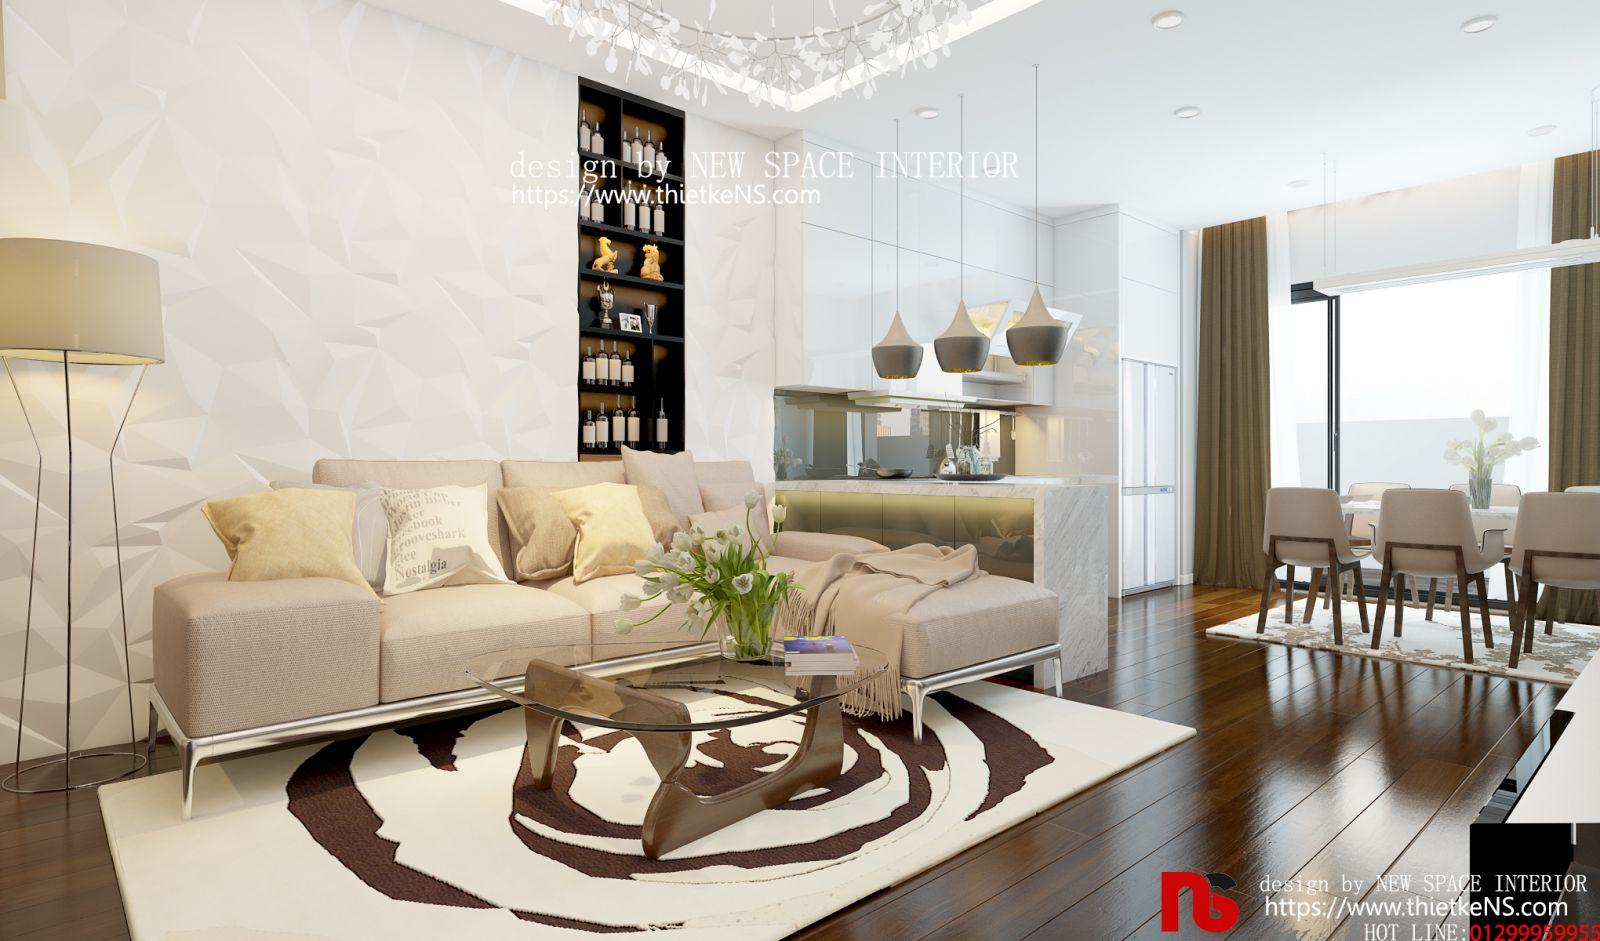 Thiết kế nội thất chung Cư RomanPlaza 02 đẹp như mơ